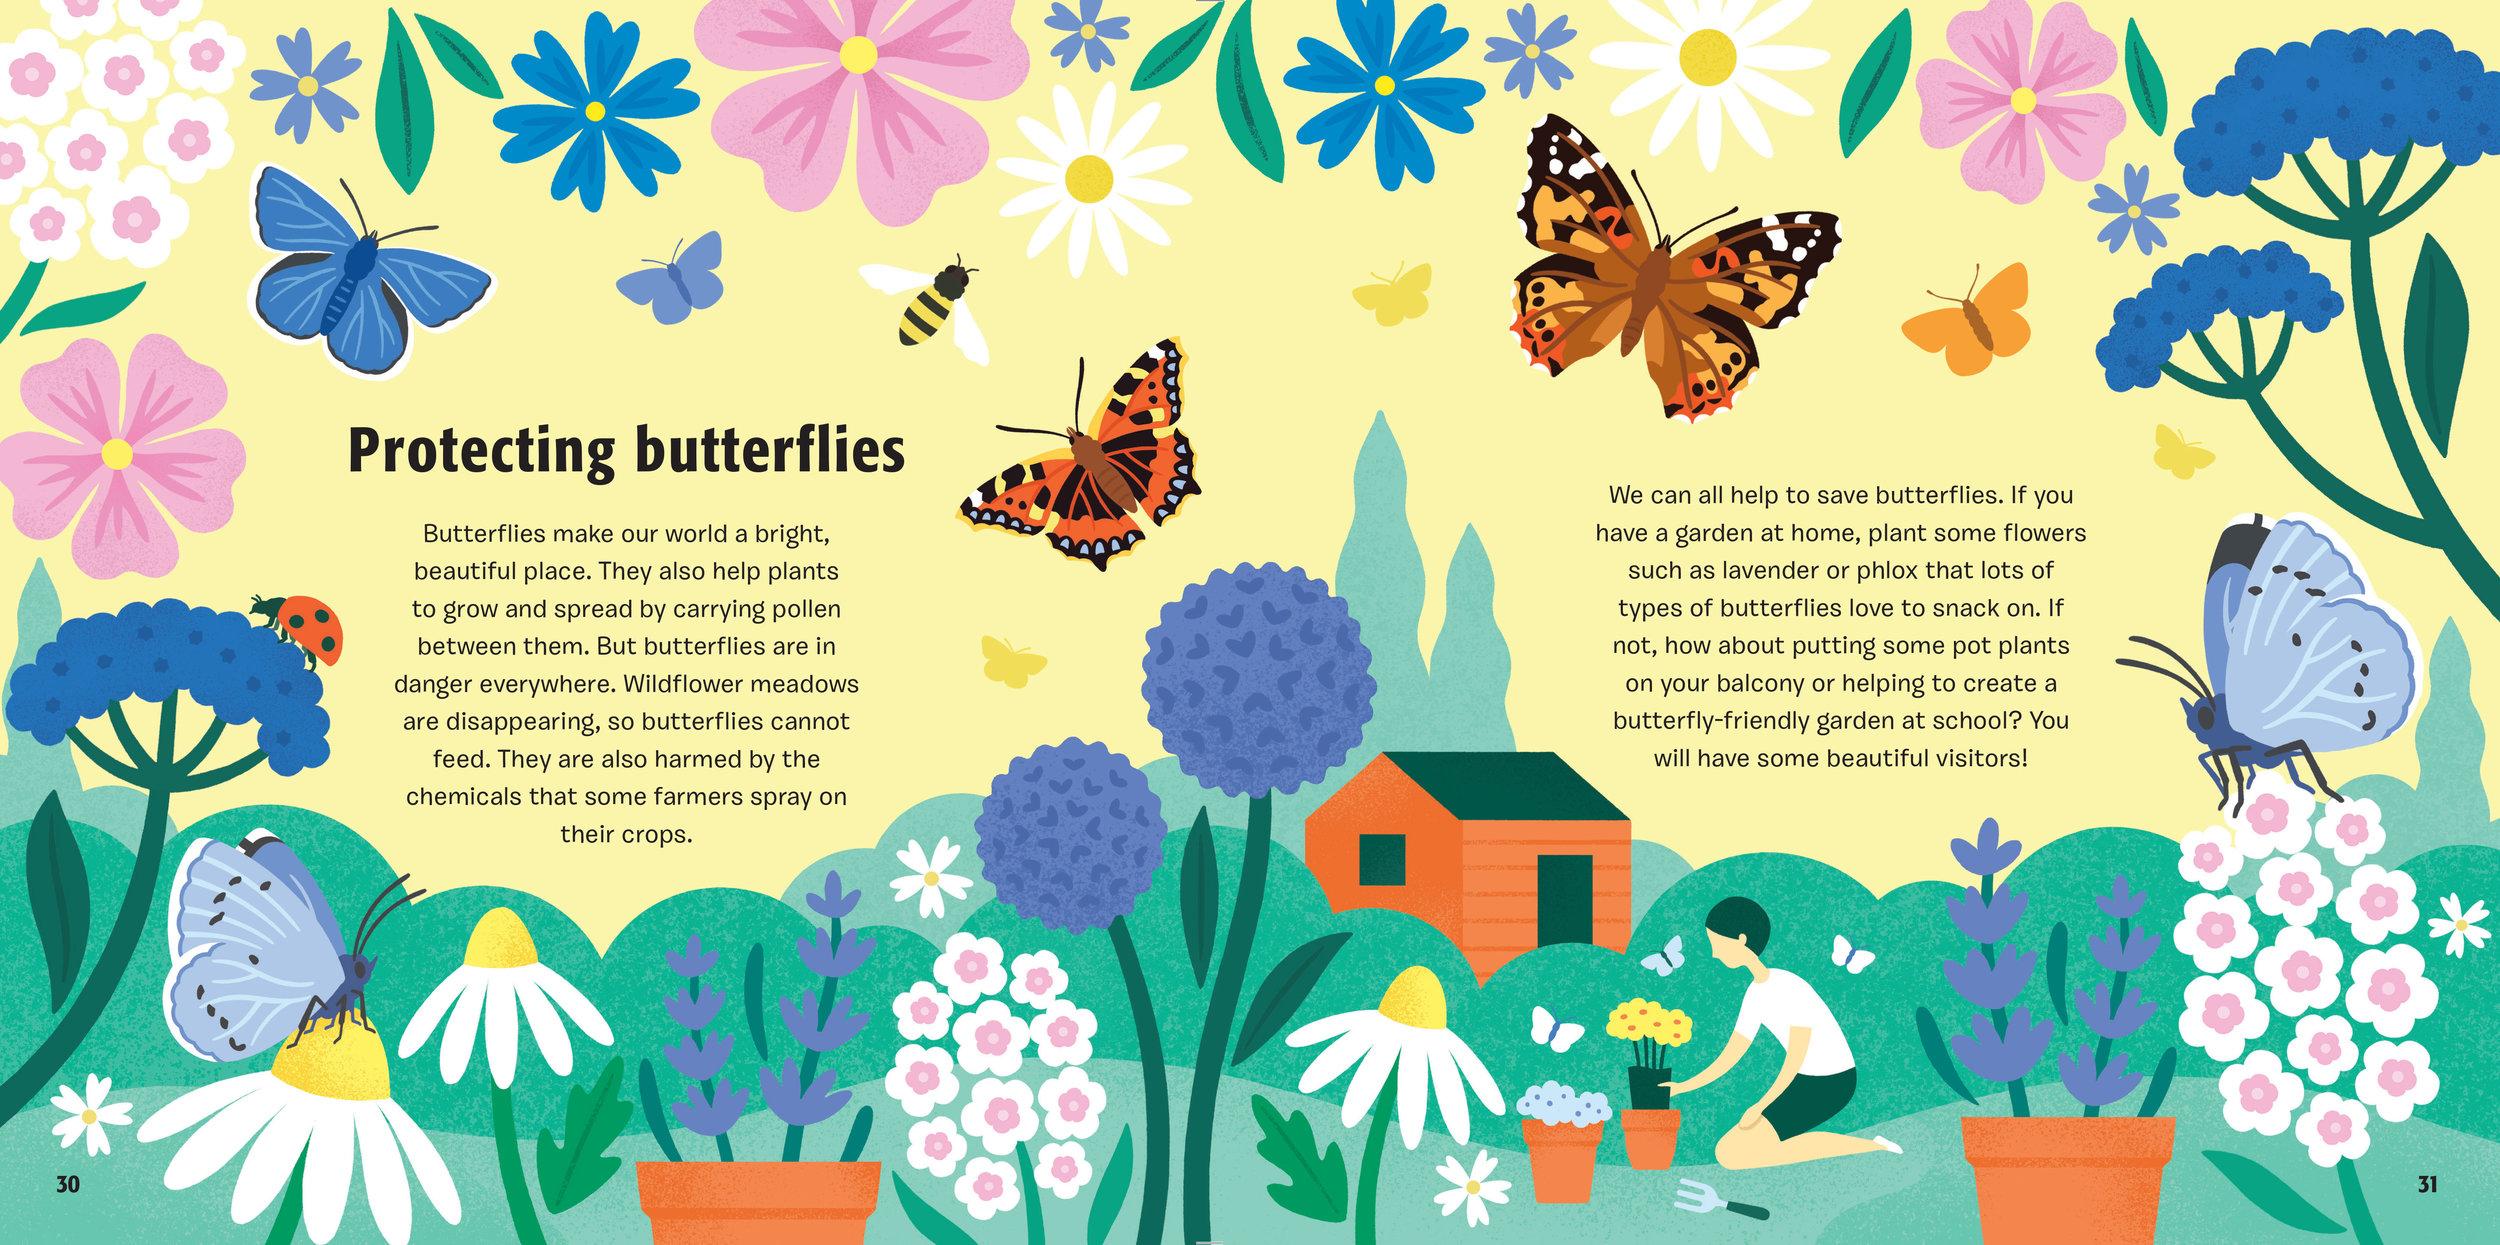 Butterfly-BLAD-30.jpg